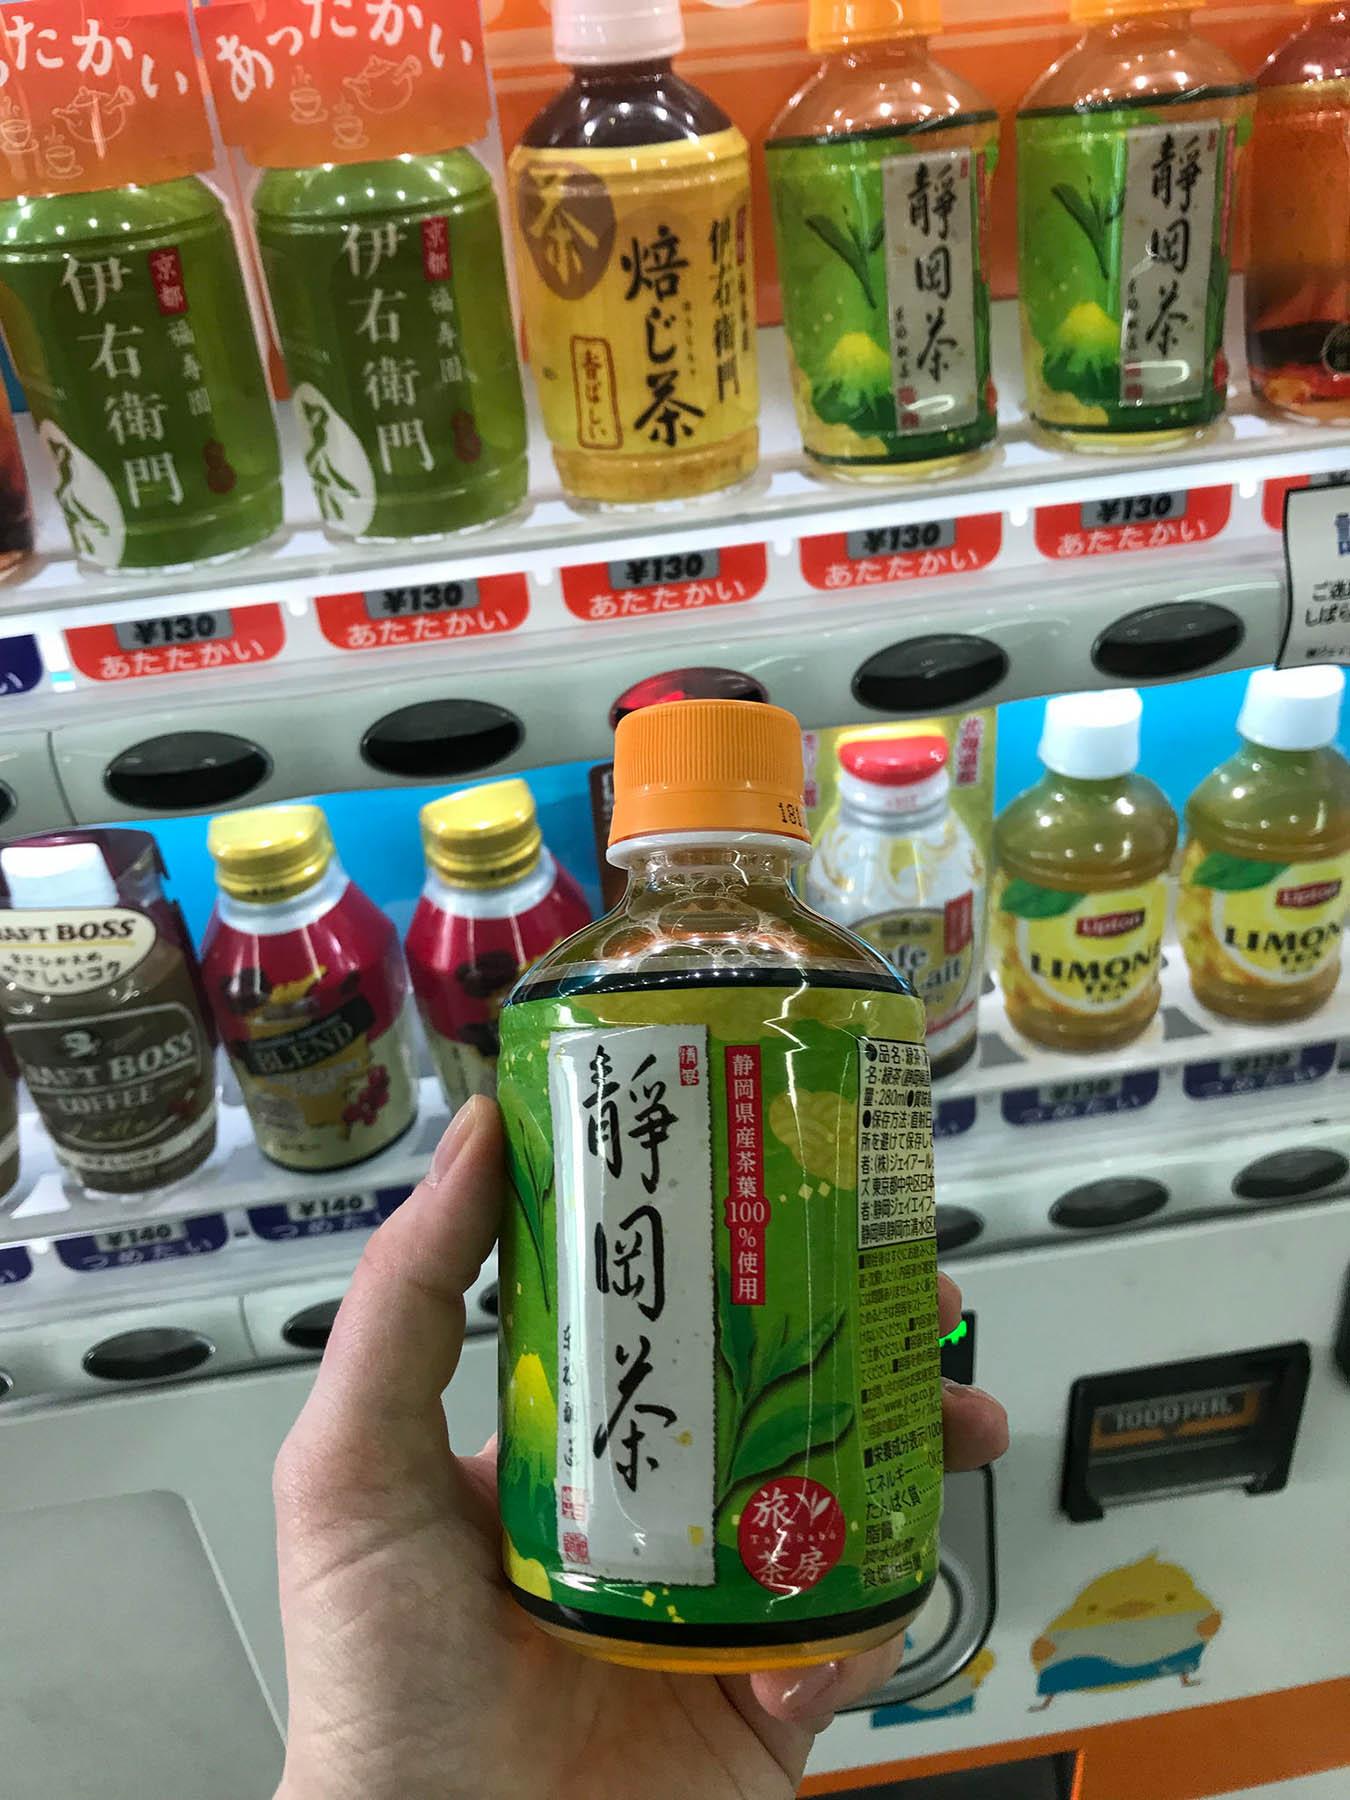 Во всех автоматах можно купить холодный и горячий чай, чай с молоком, кофе, какао, изотоники